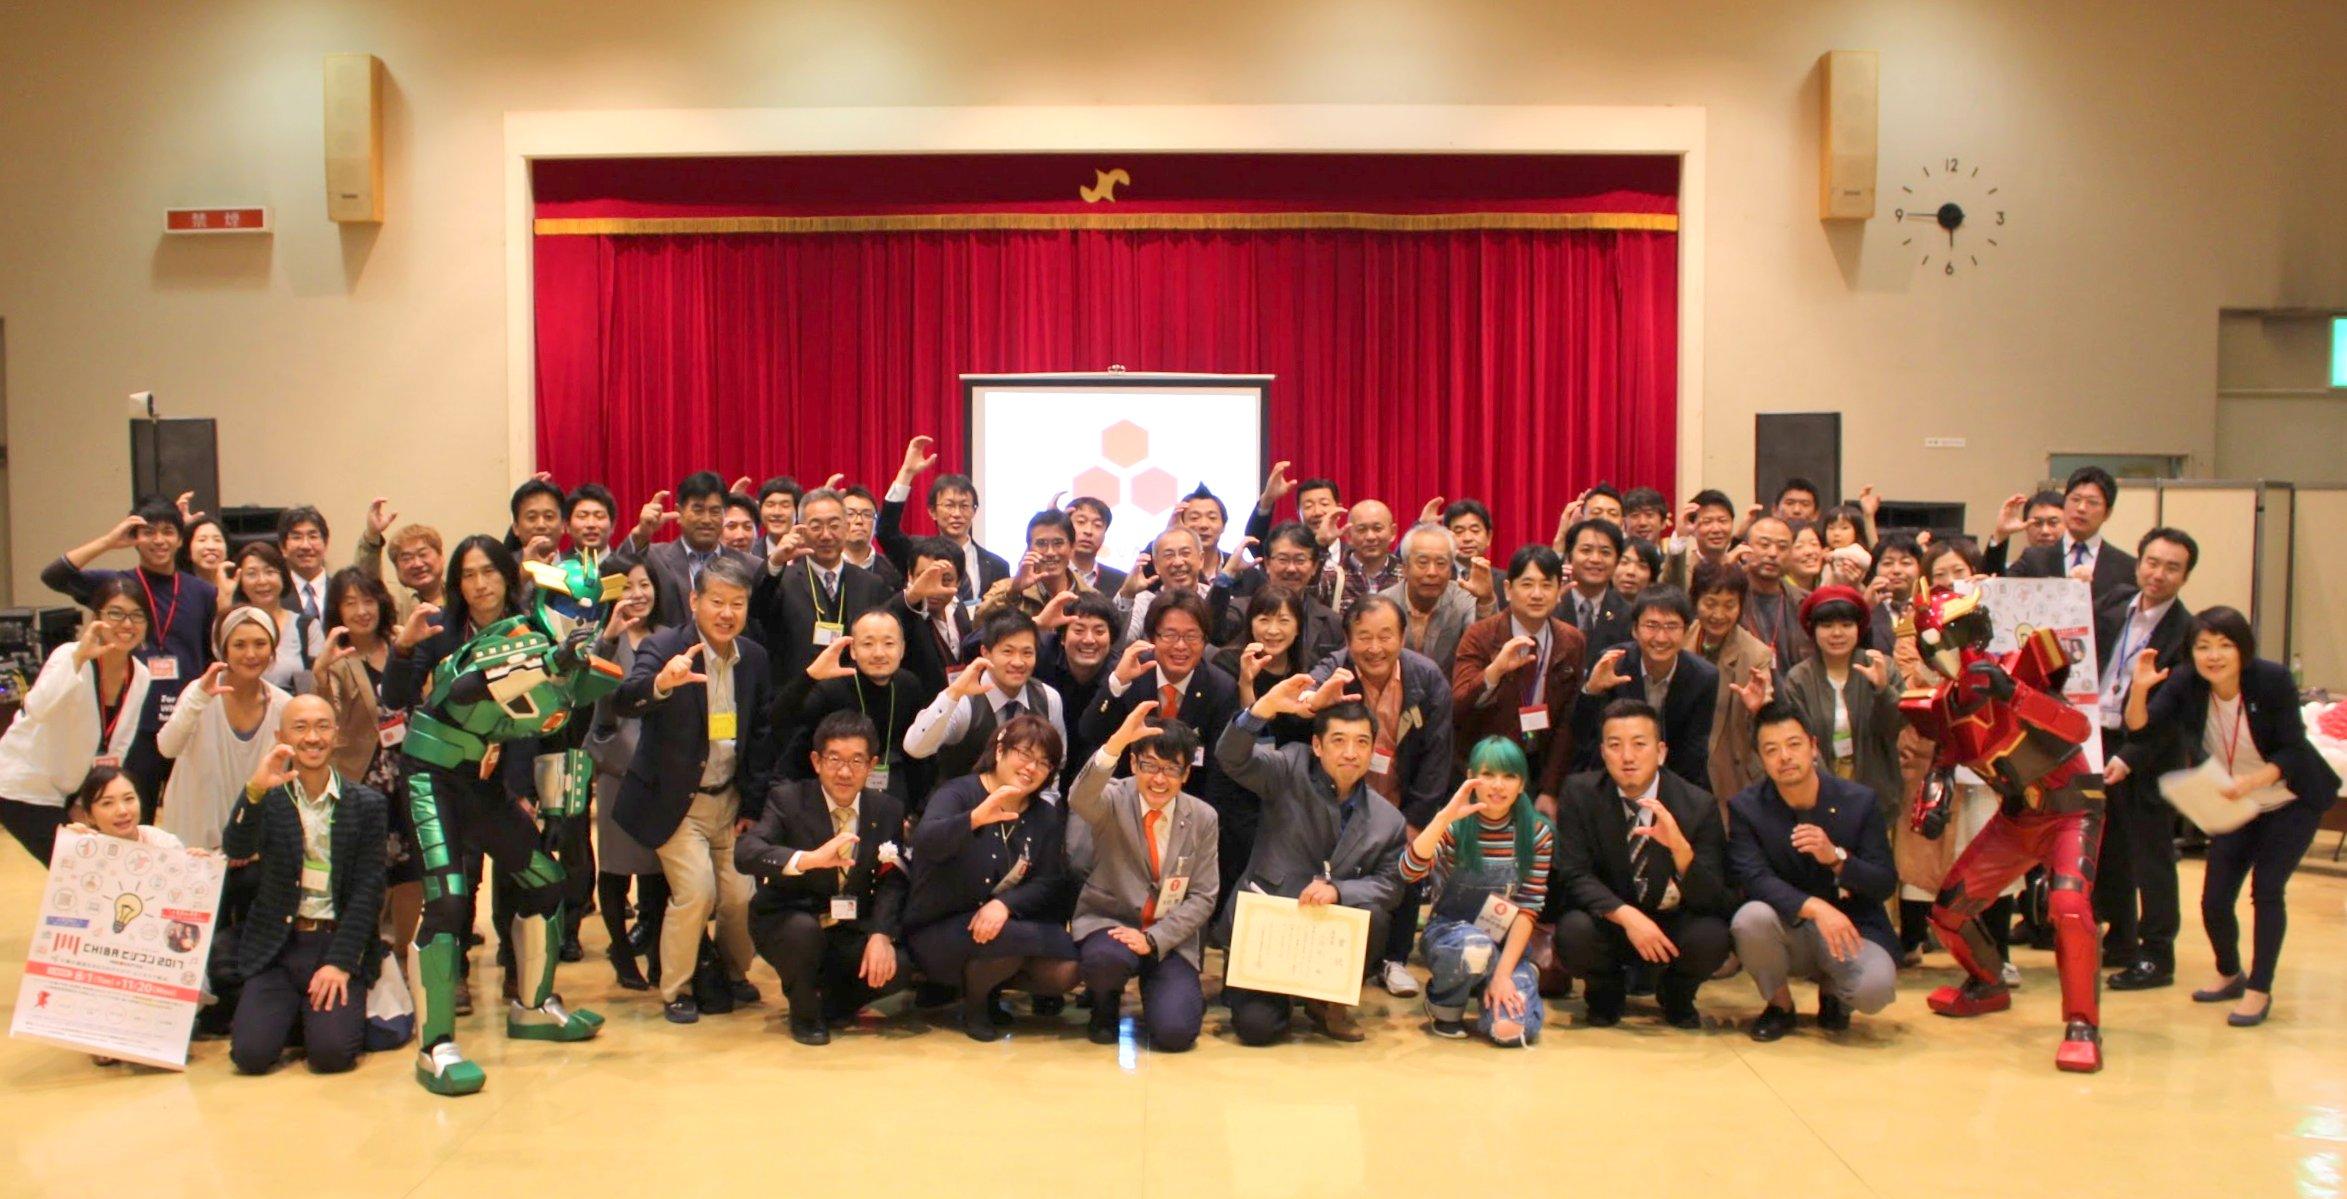 ちば起業家交流会in銚子 開催レポート